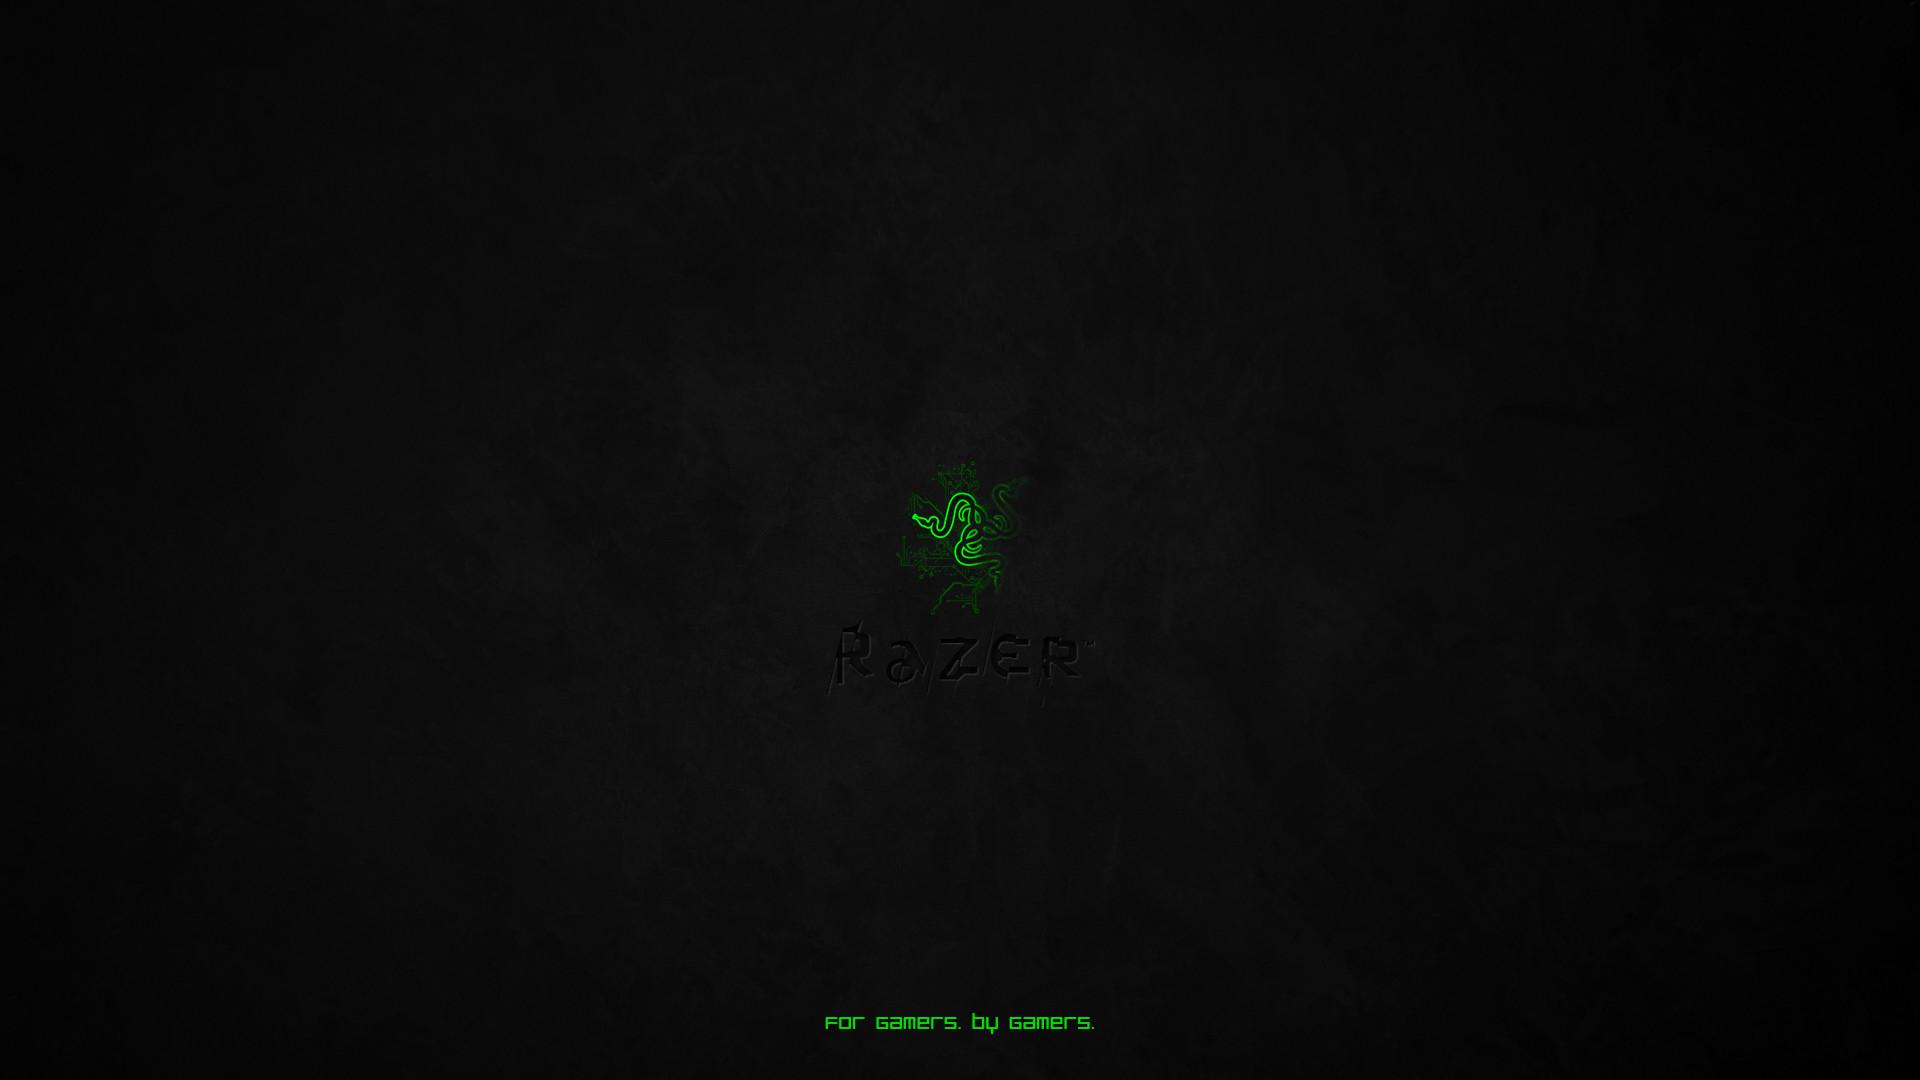 Razer logo HD Wallpaper 1920×1080